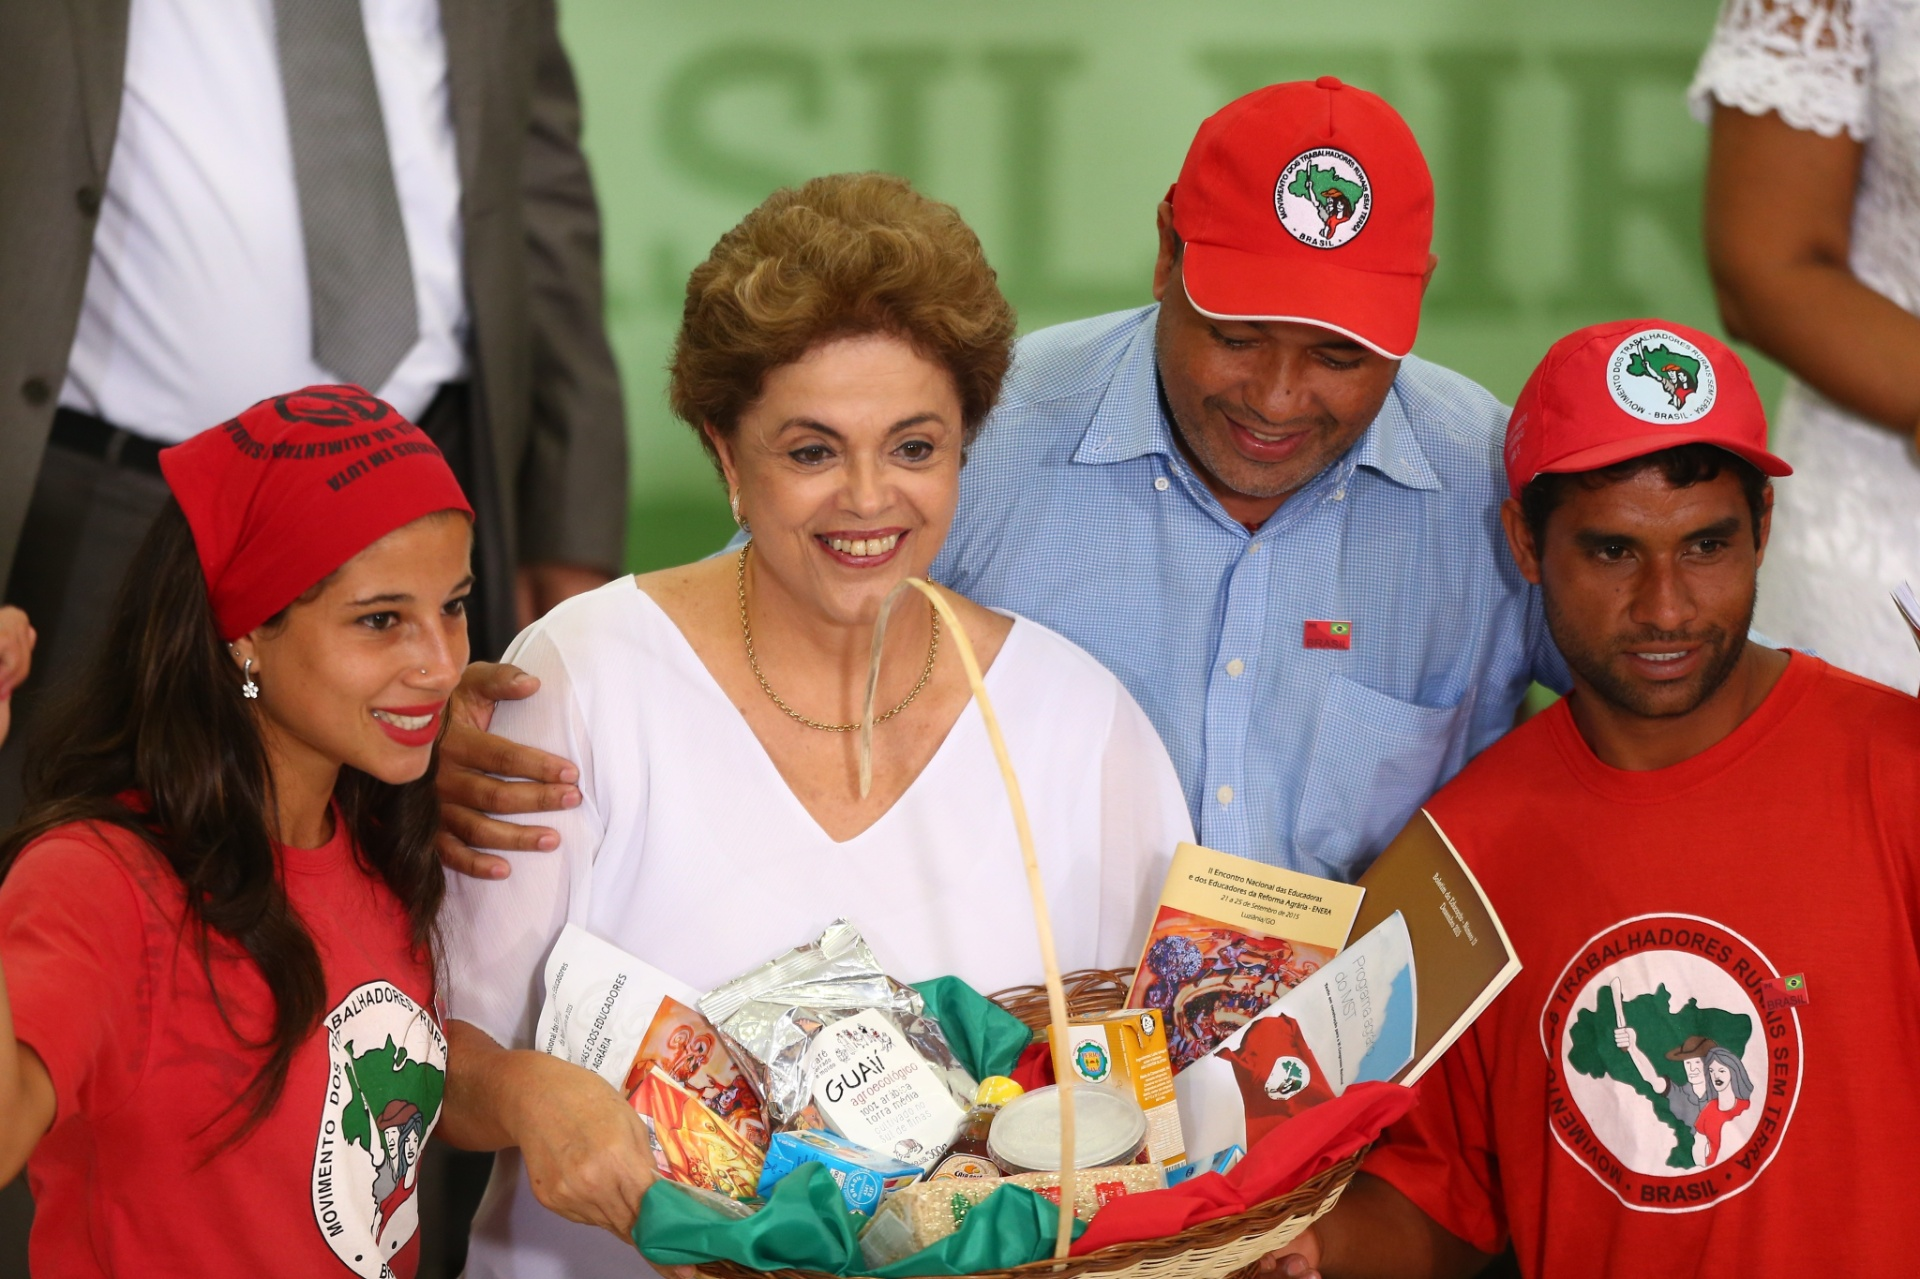 1º.abr.2016 - A presidente Dilma Rousseff recebe presente de integrantes do MST durante cerimônia de assinatura de atos para a reforma agrária e comunidades quilombolas, no Palácio do Planalto, em Brasília